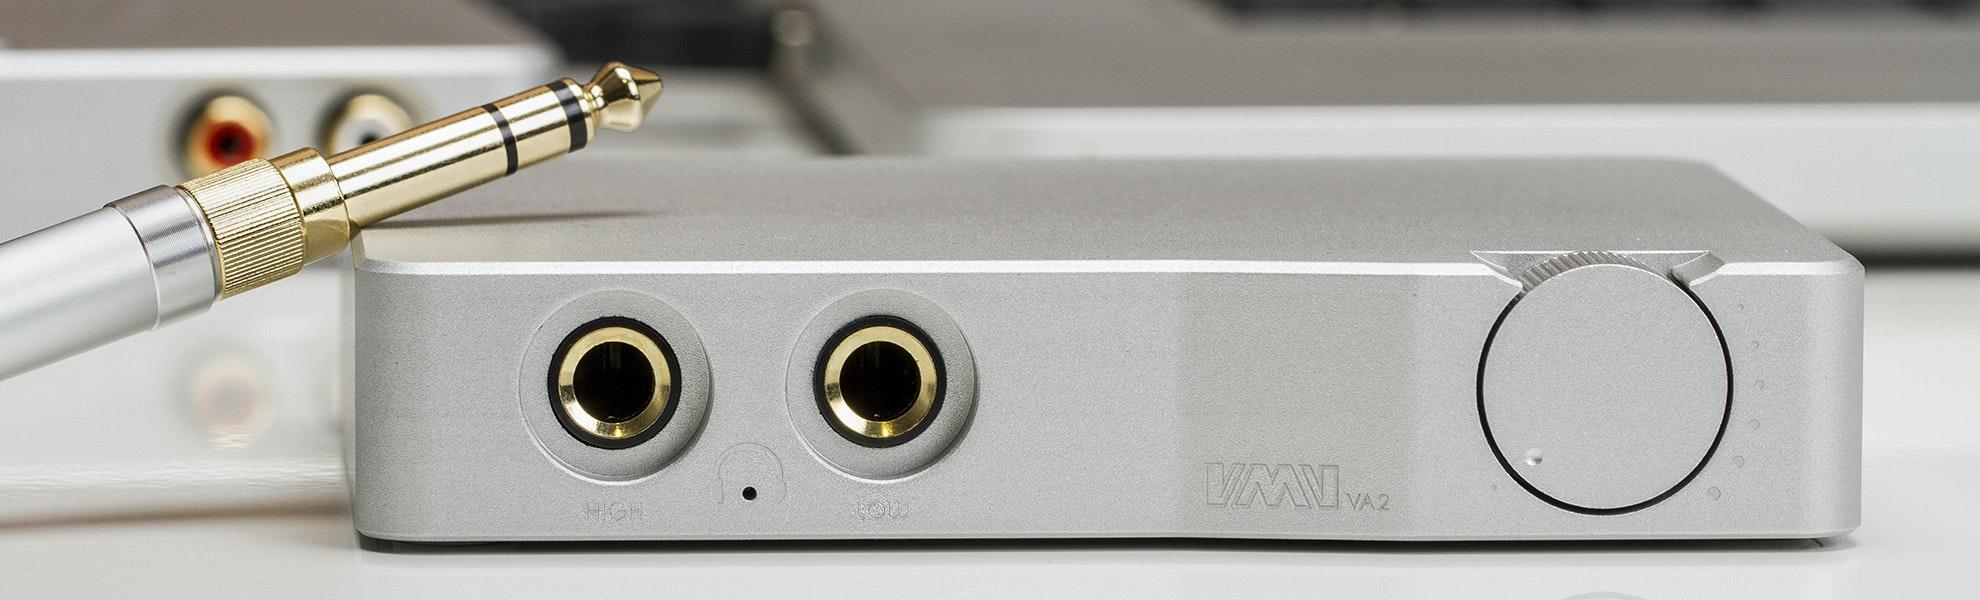 SMSL VMV VA2 Headphone Amplifier